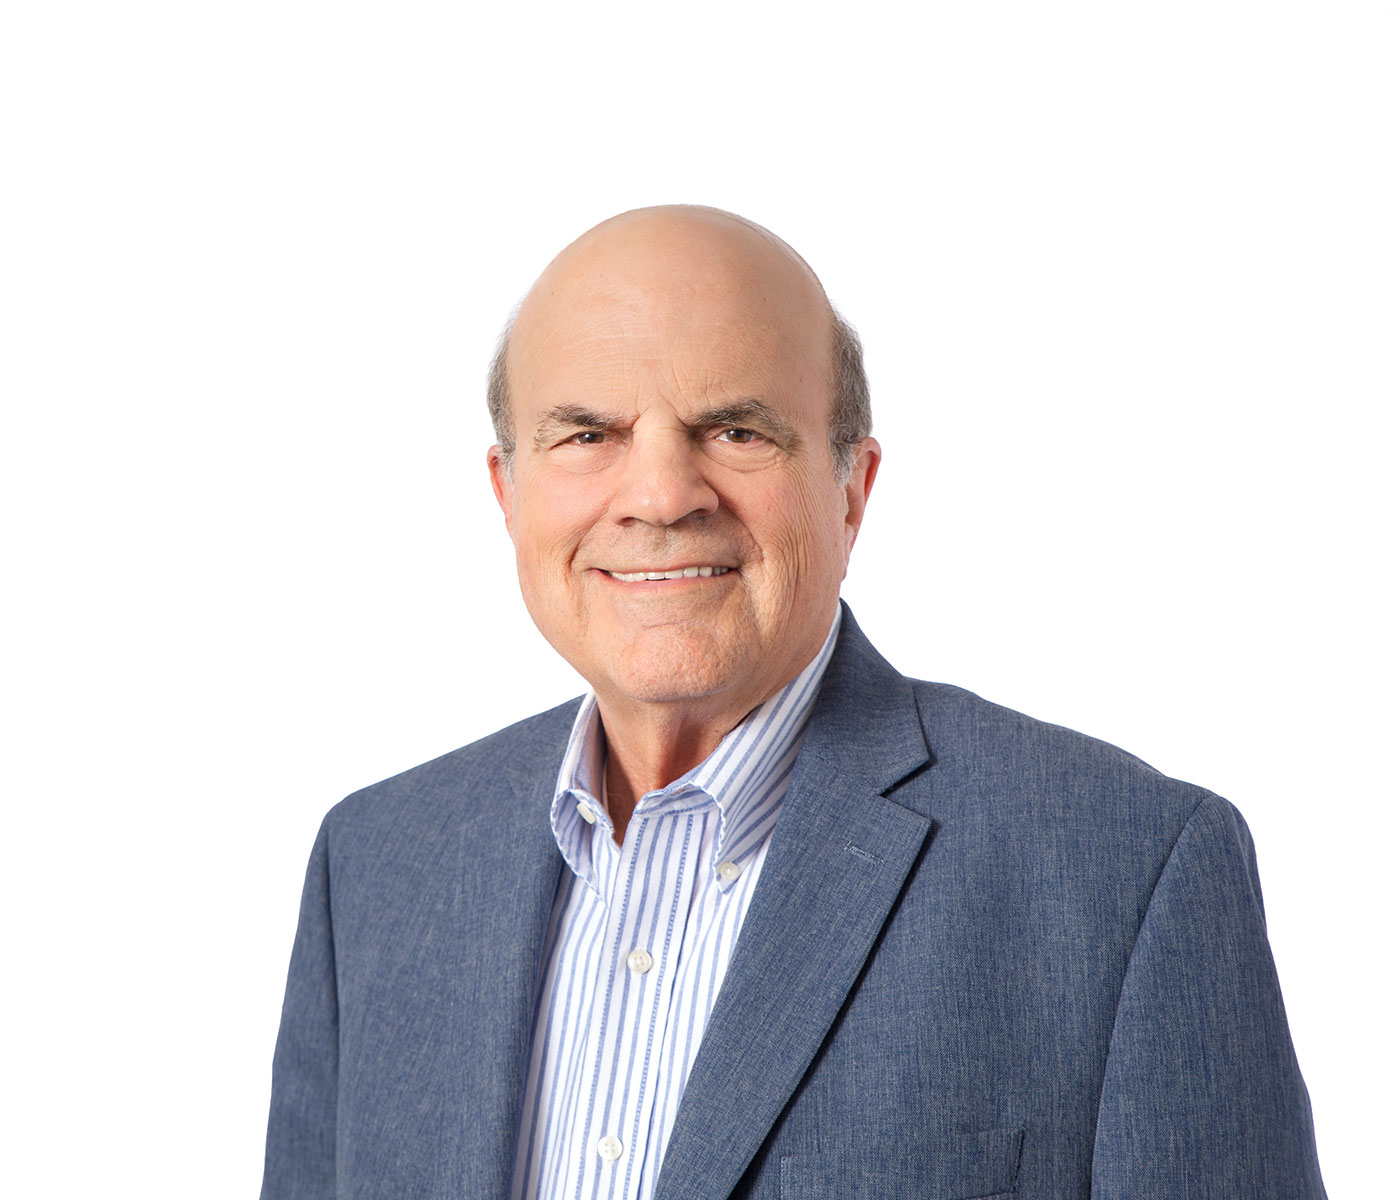 Chuck Schaefer